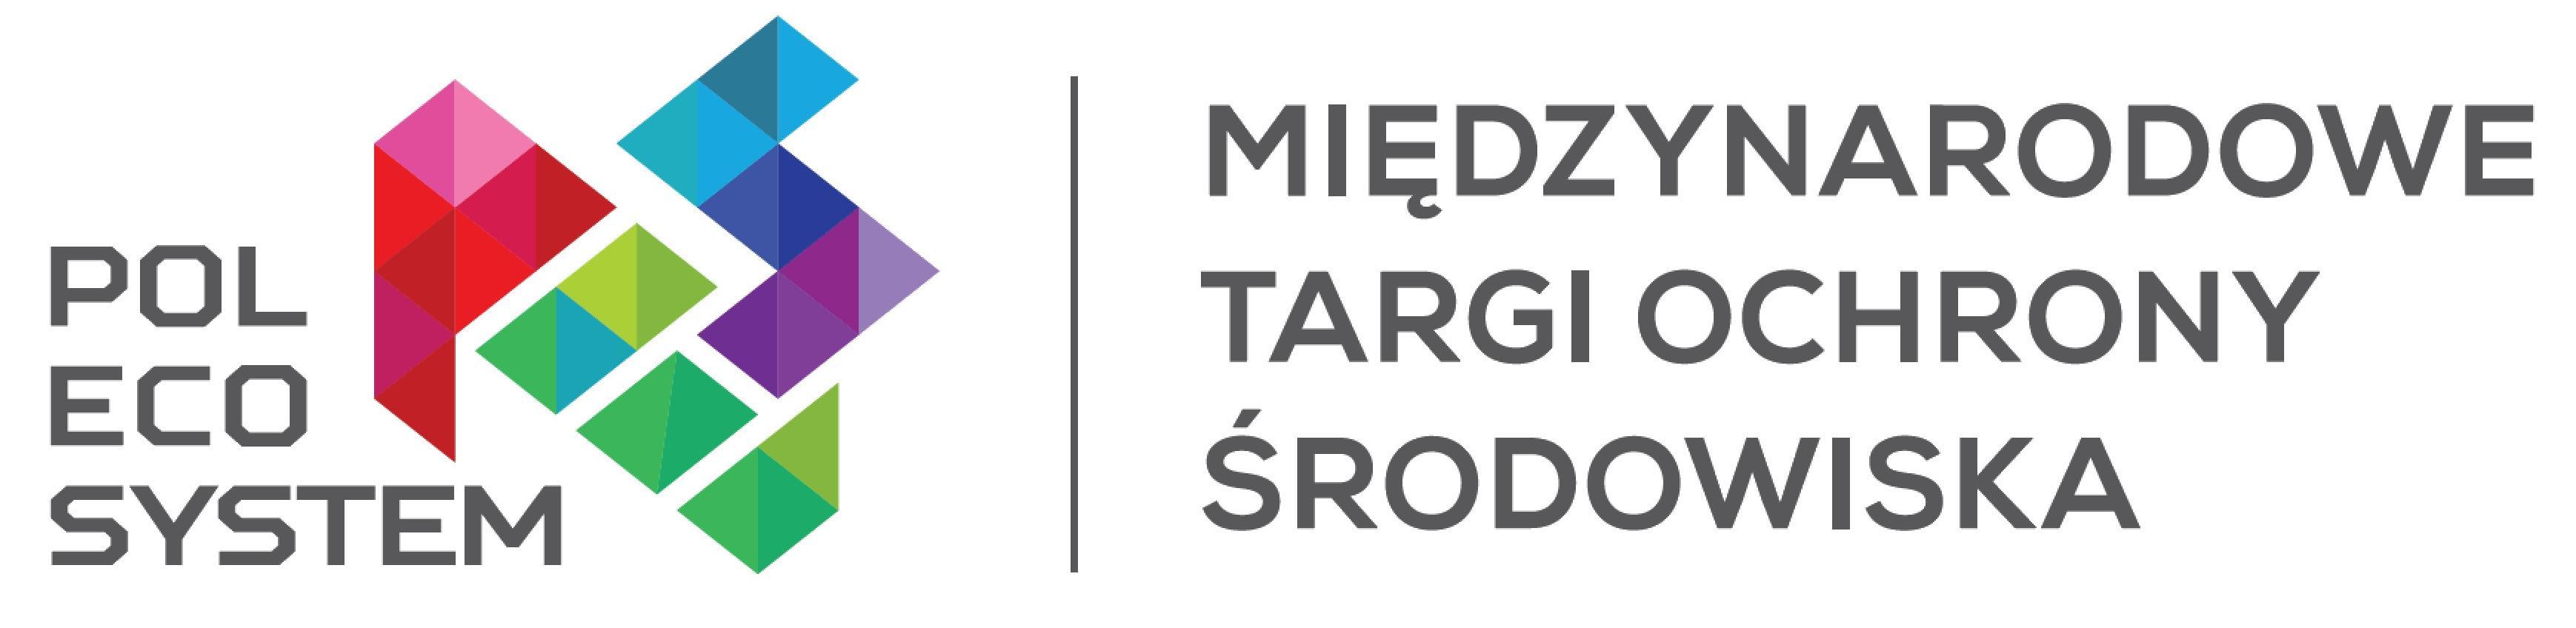 targi 2 poznan